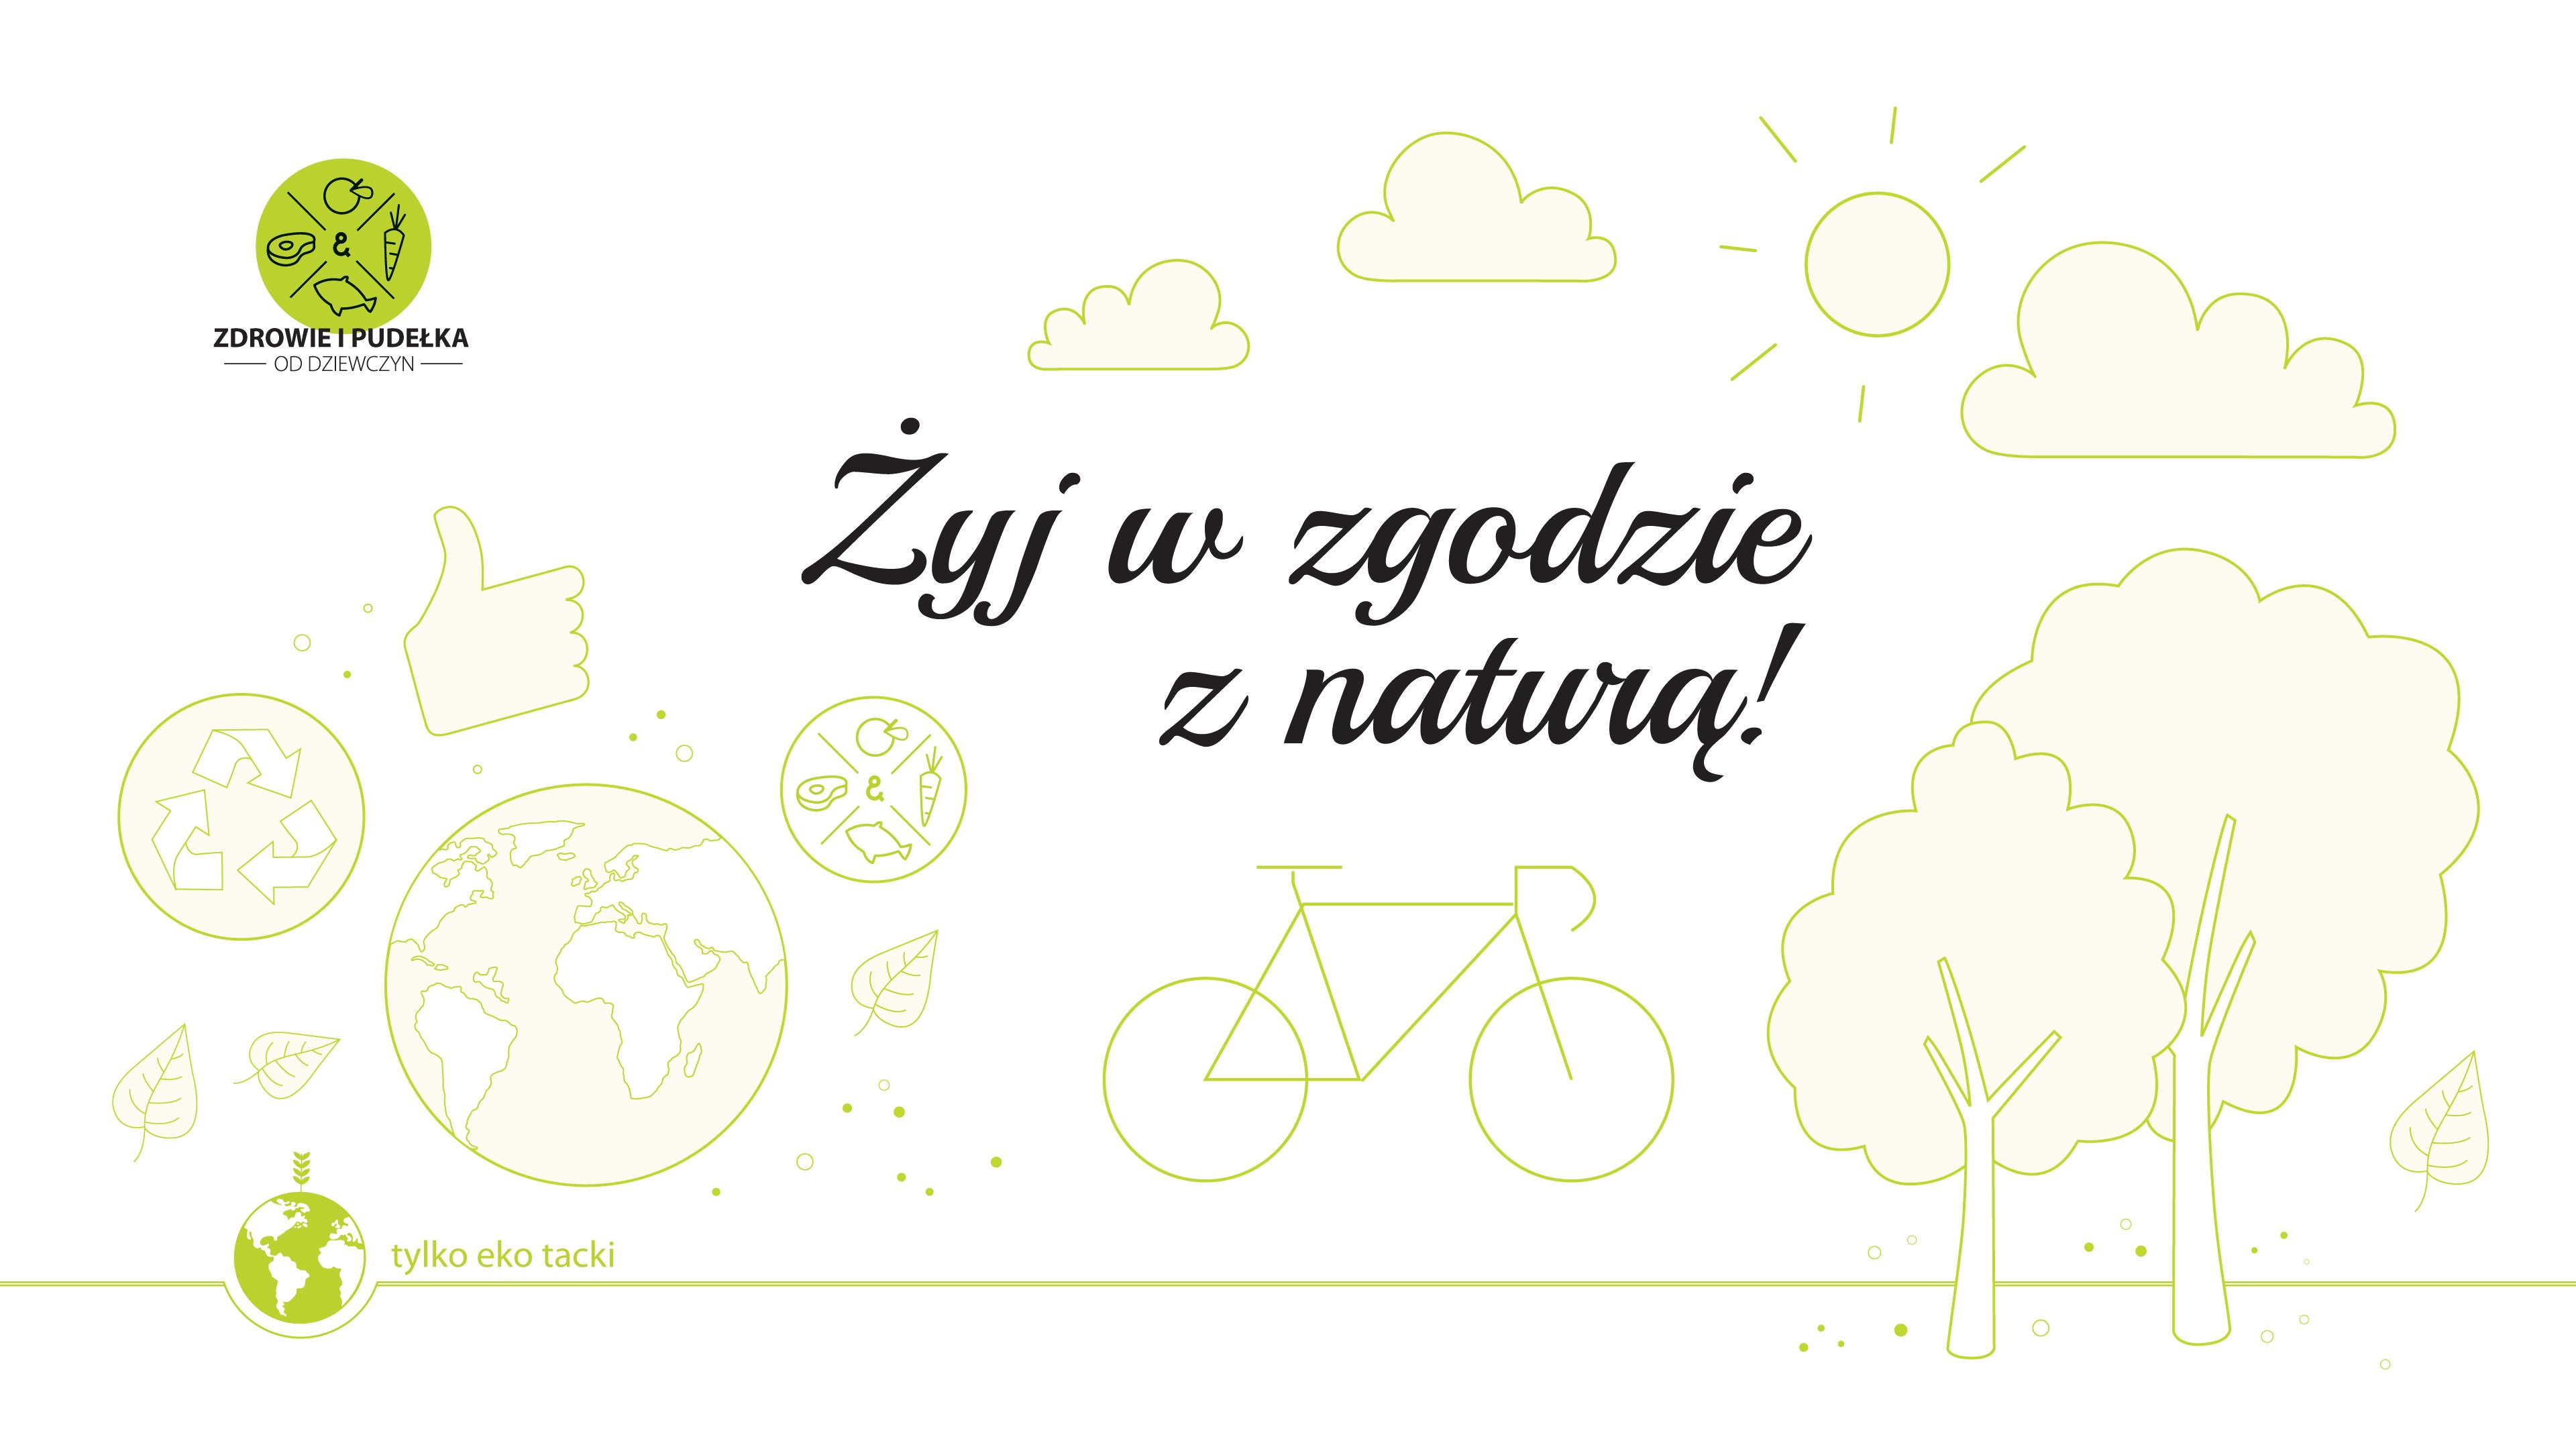 Żyj w zgodzie z naturą!